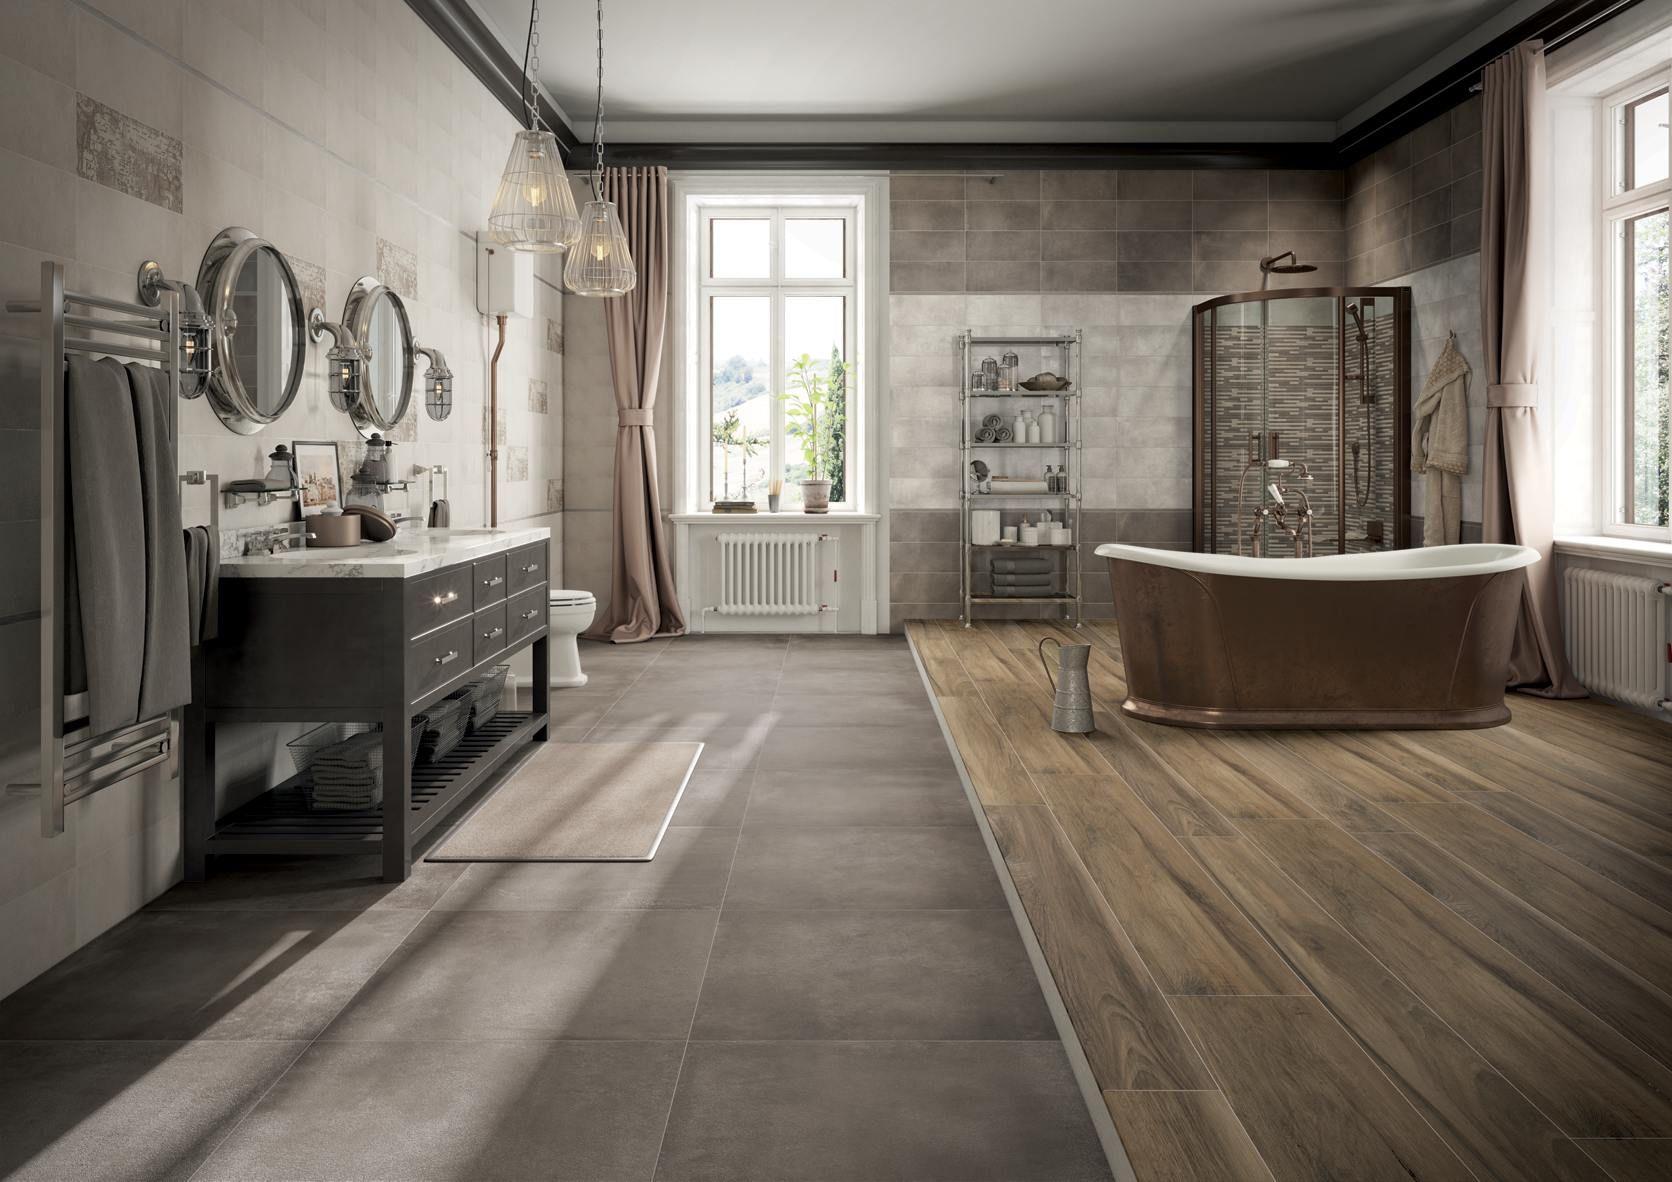 Un bellissimo bagno dal gusto classico e shabby chic a - Rivestimento bagno shabby ...